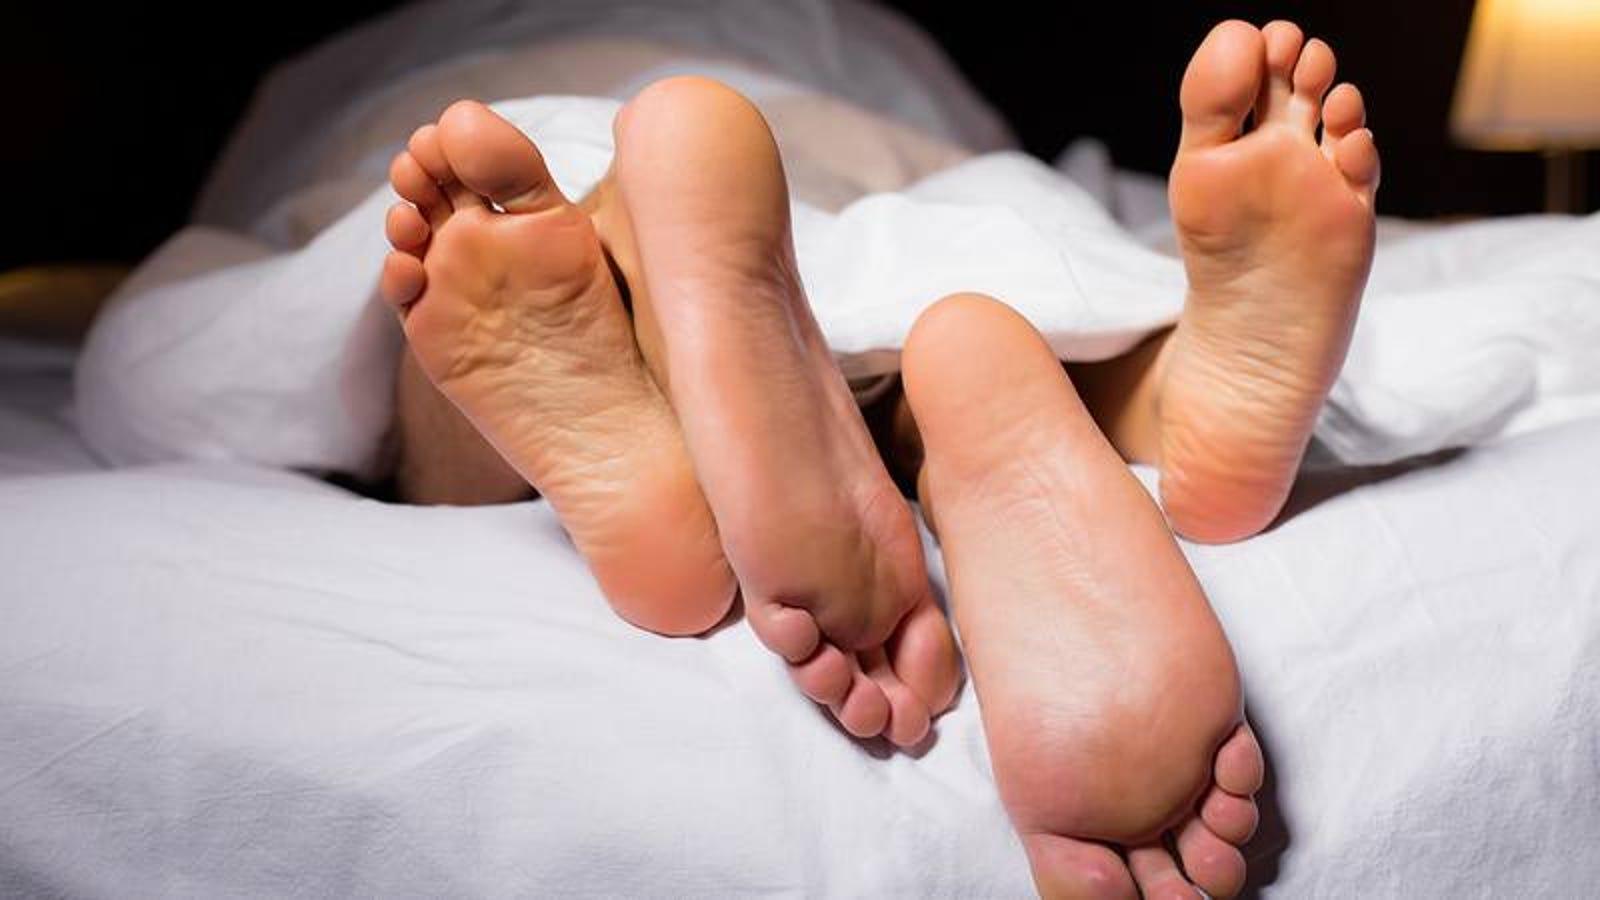 Porn sex orgy lesbains